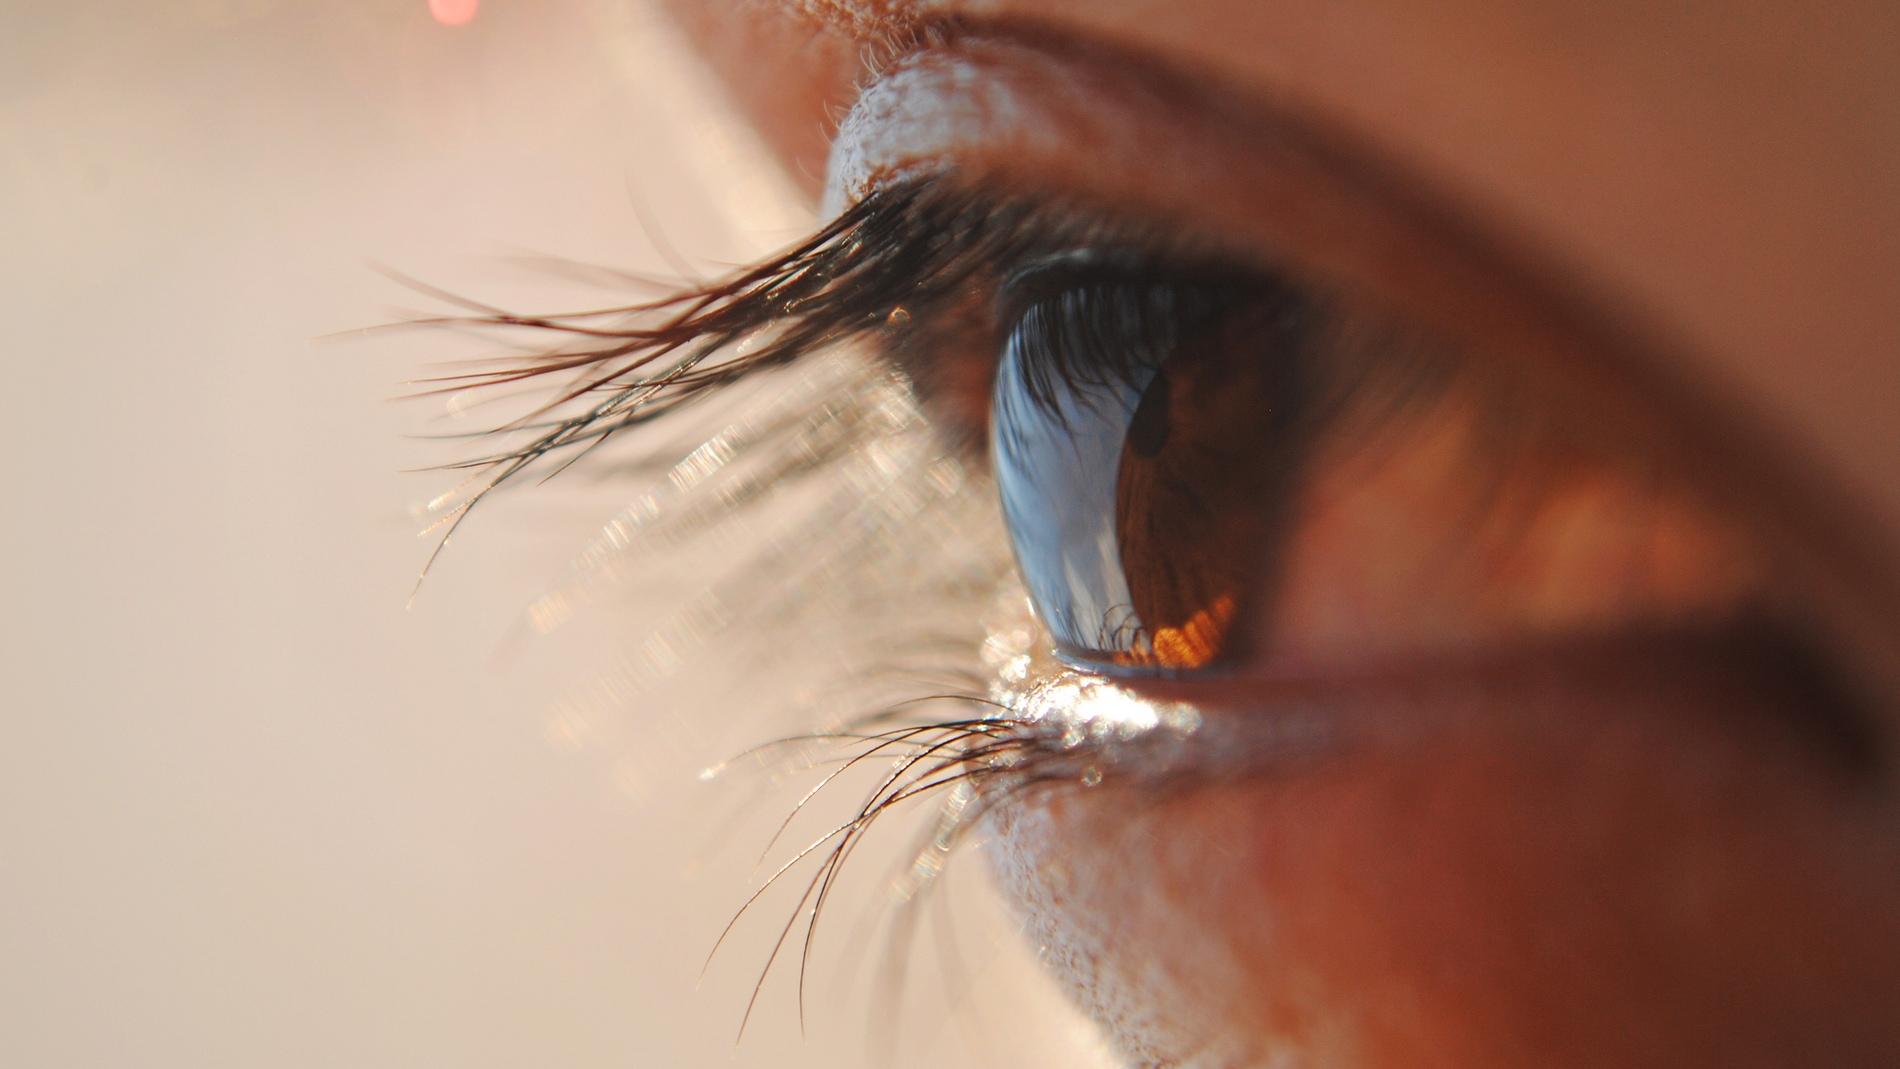 La mirada humana